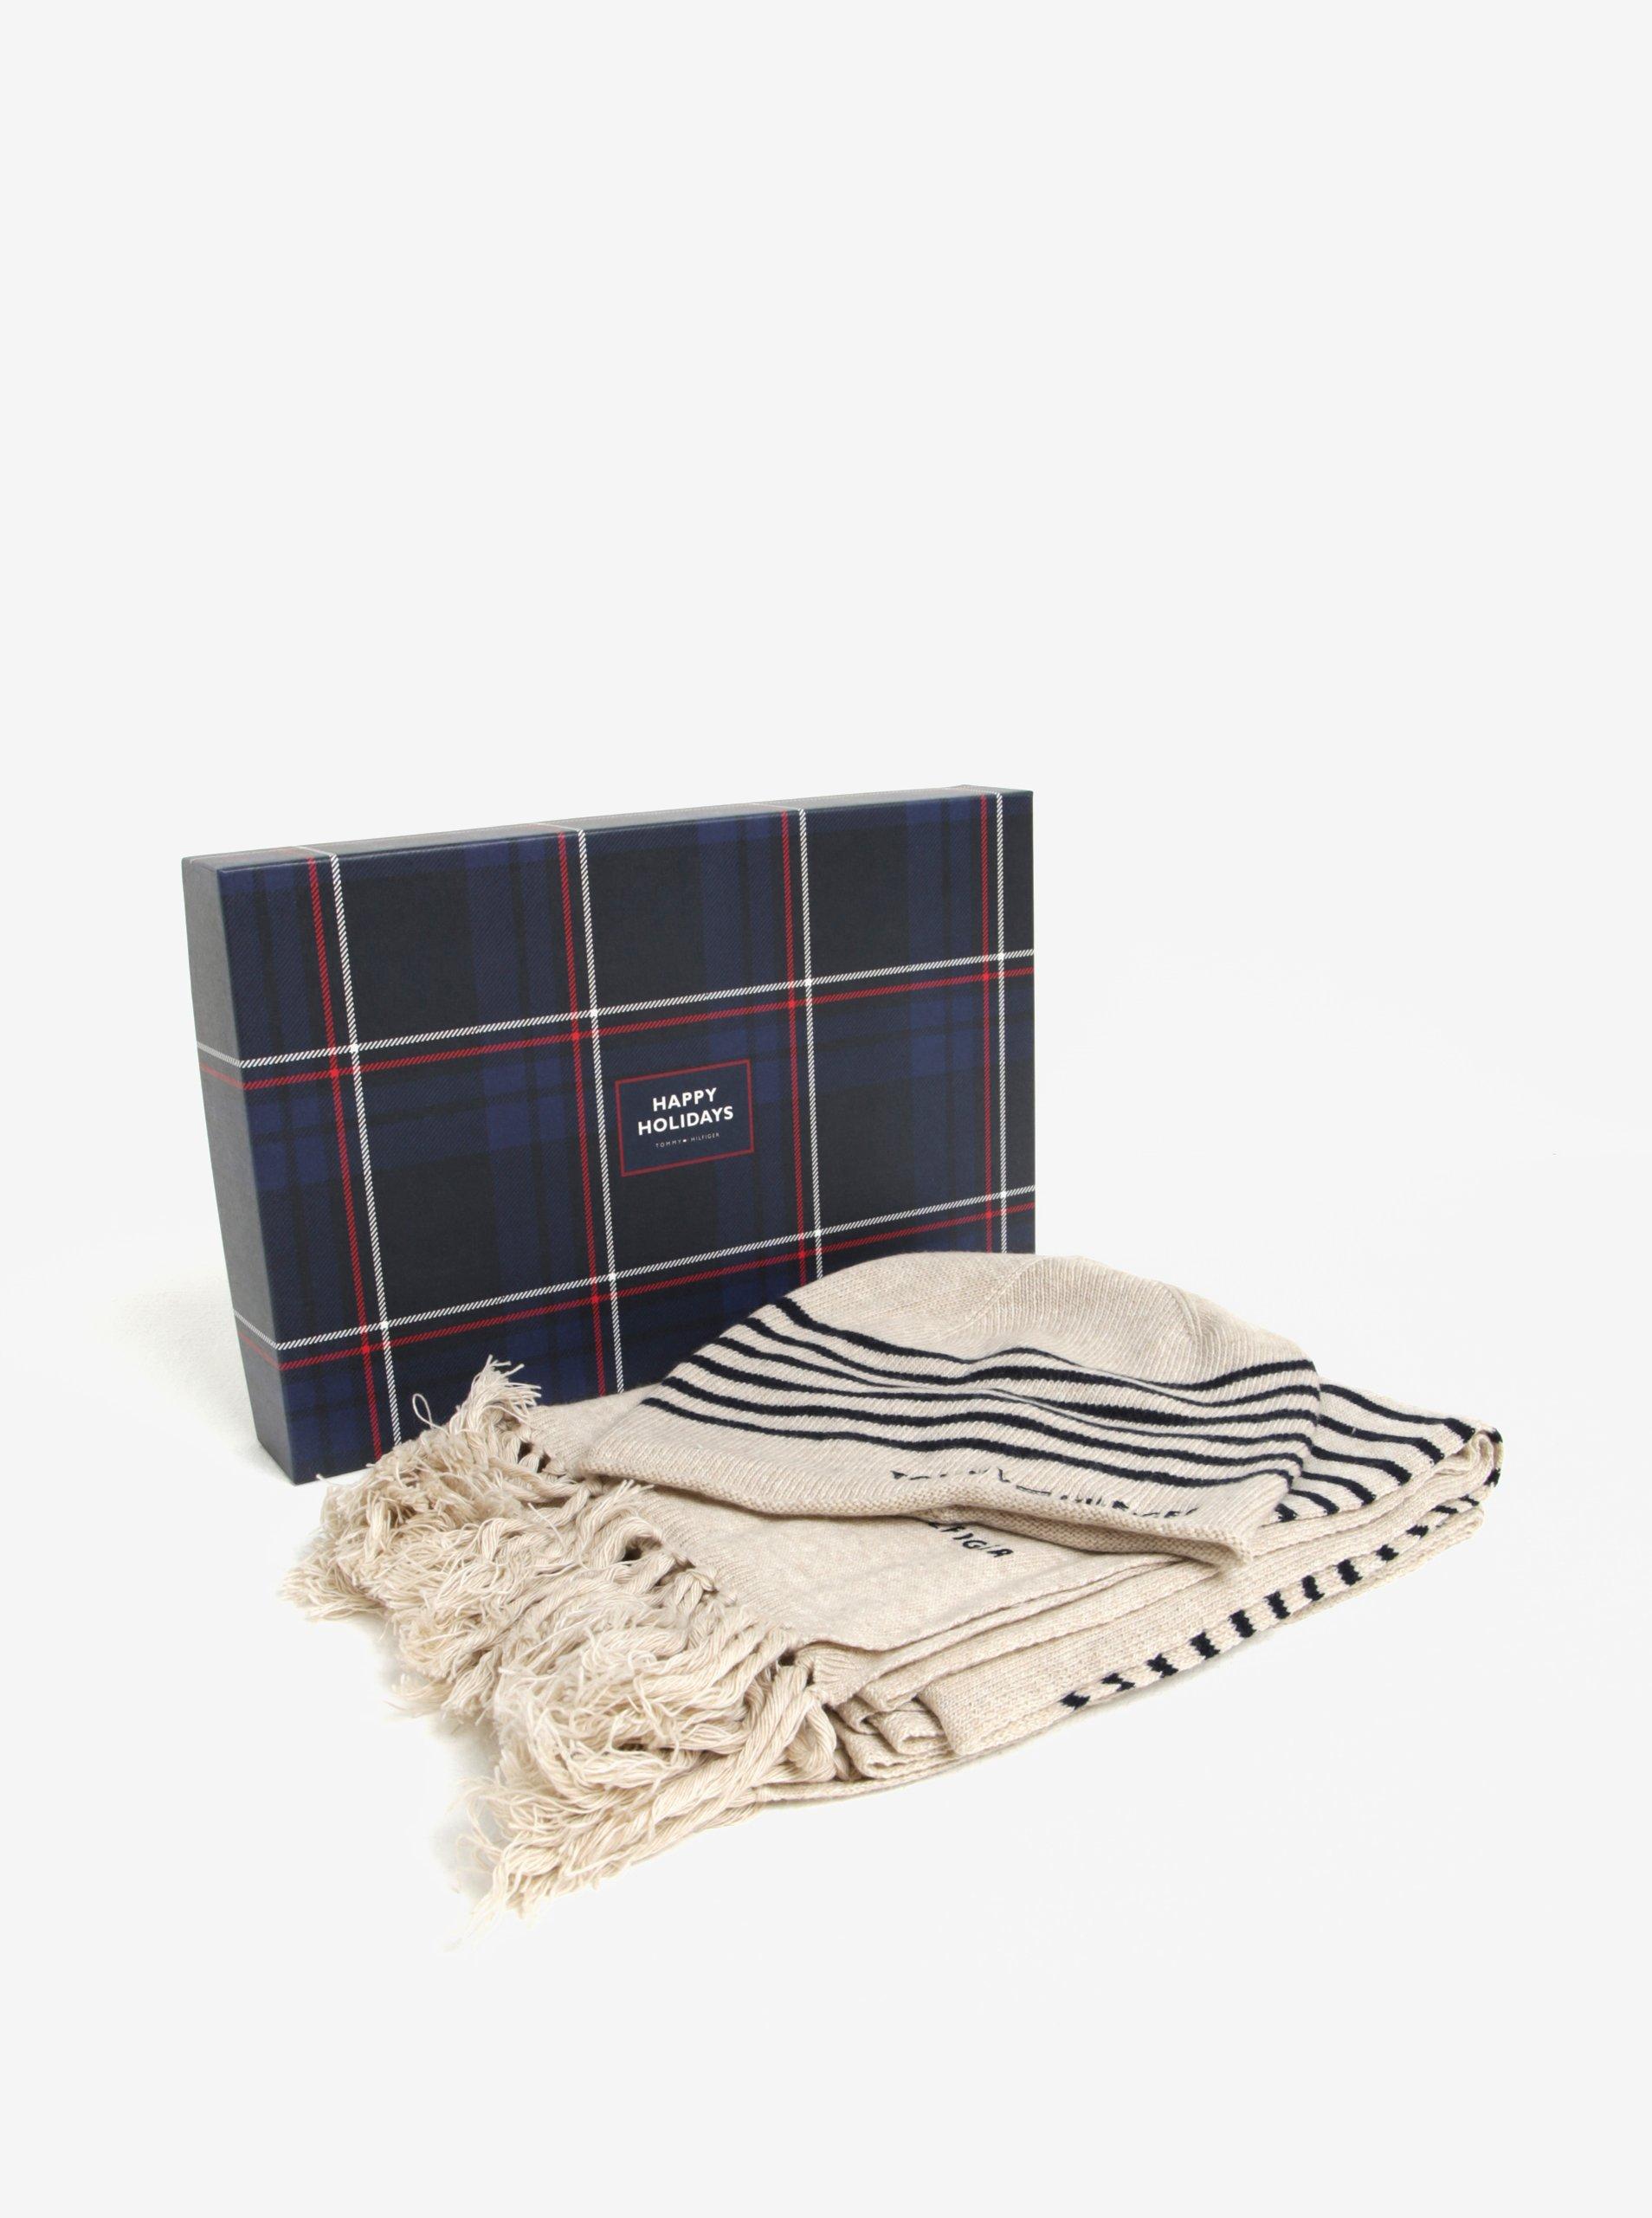 d6eafbd51 Súprava dámskej vlnenej čiapky a šálu v béžovej farbe v darčekovej škatuľke  Tommy Hilfiger